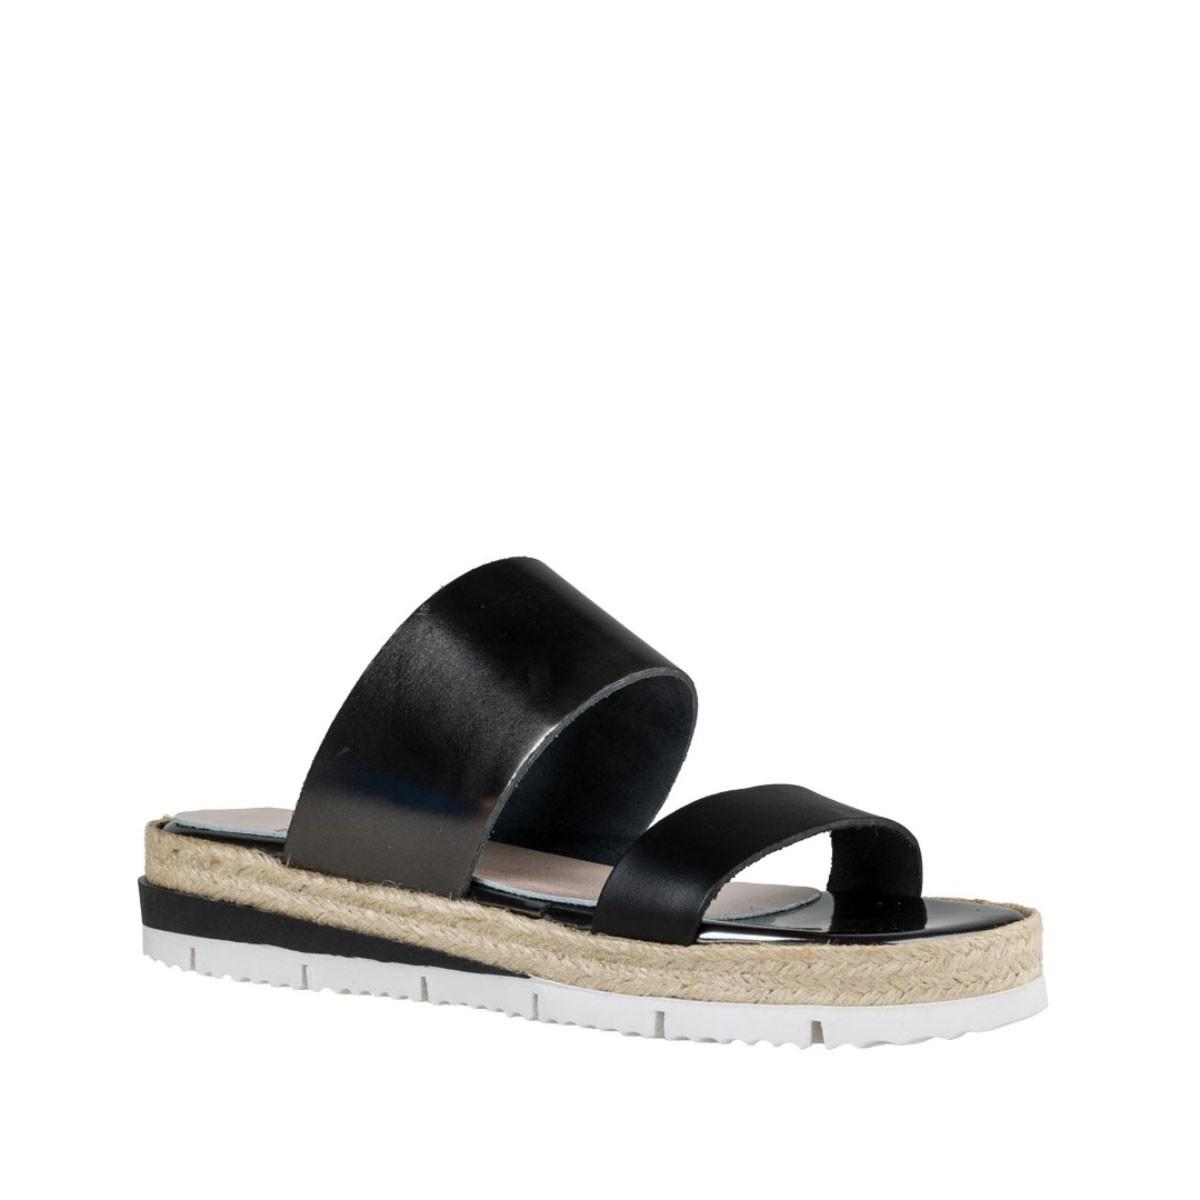 BagiotaShoes Mairiboo by Envie Shoes Γυναικείες Παντόφλες M03-05913 Μαύρο Mairiboo  M03-05913 Μαύρο f88e2cfd12c